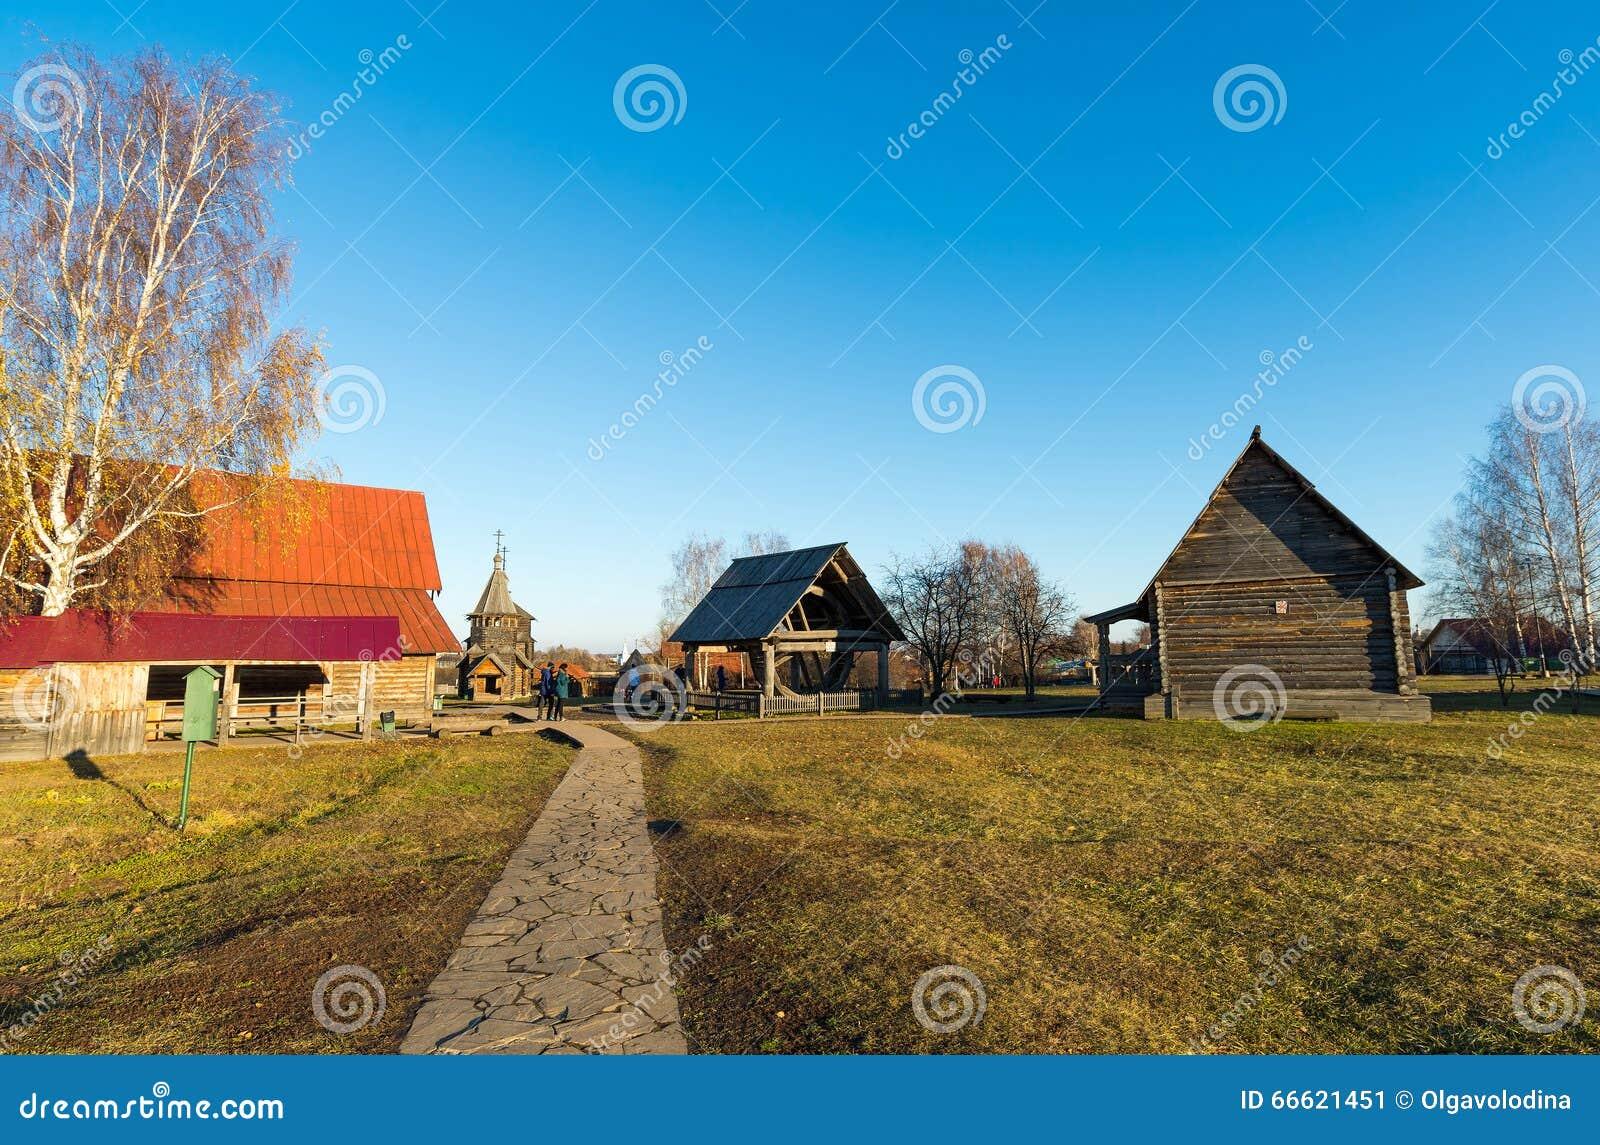 Suzdal Russia 6 Novembre 2015 Architettura Di Legno Del Museo In